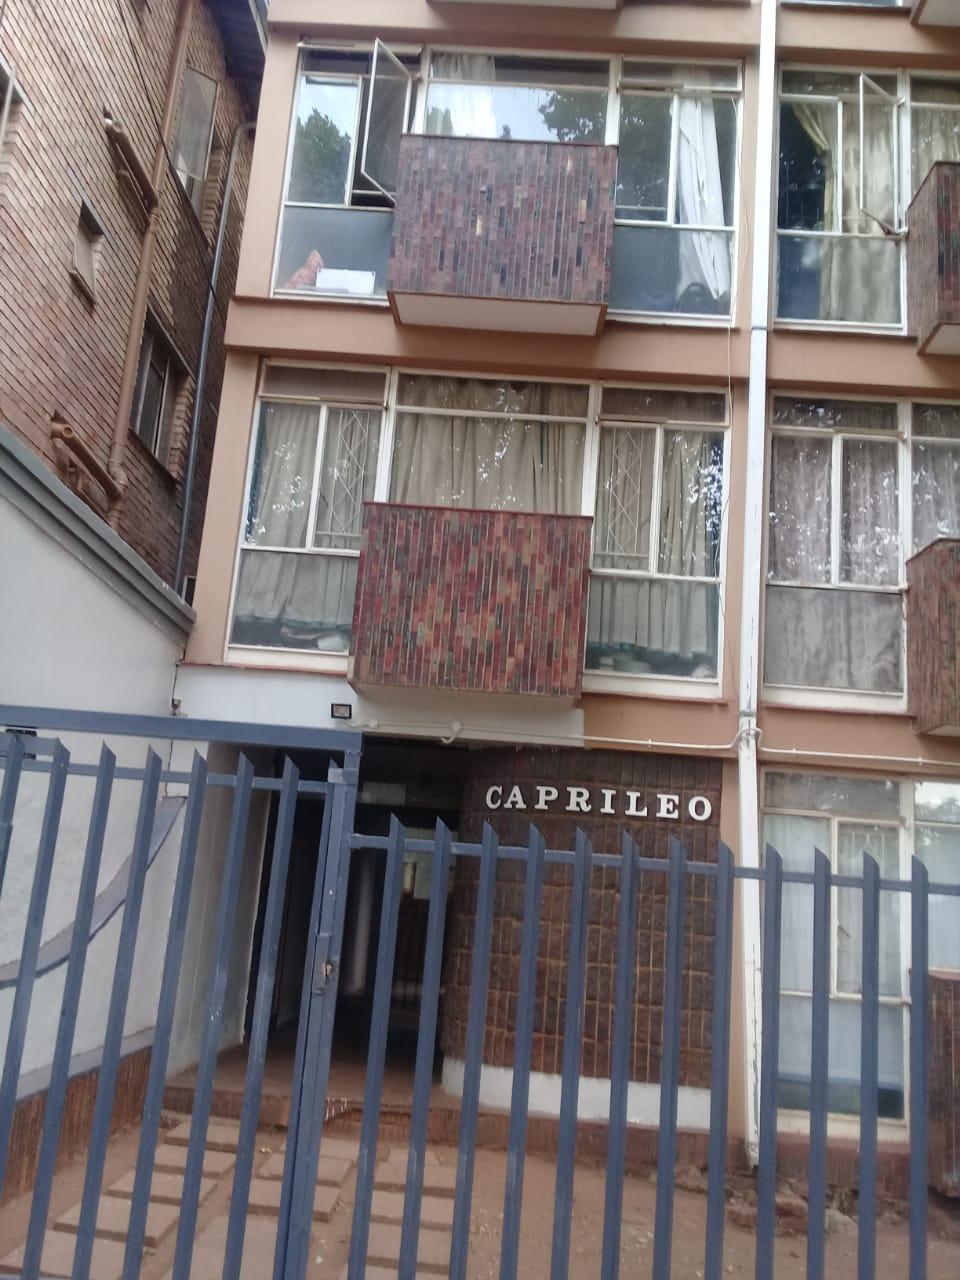 Caprileo